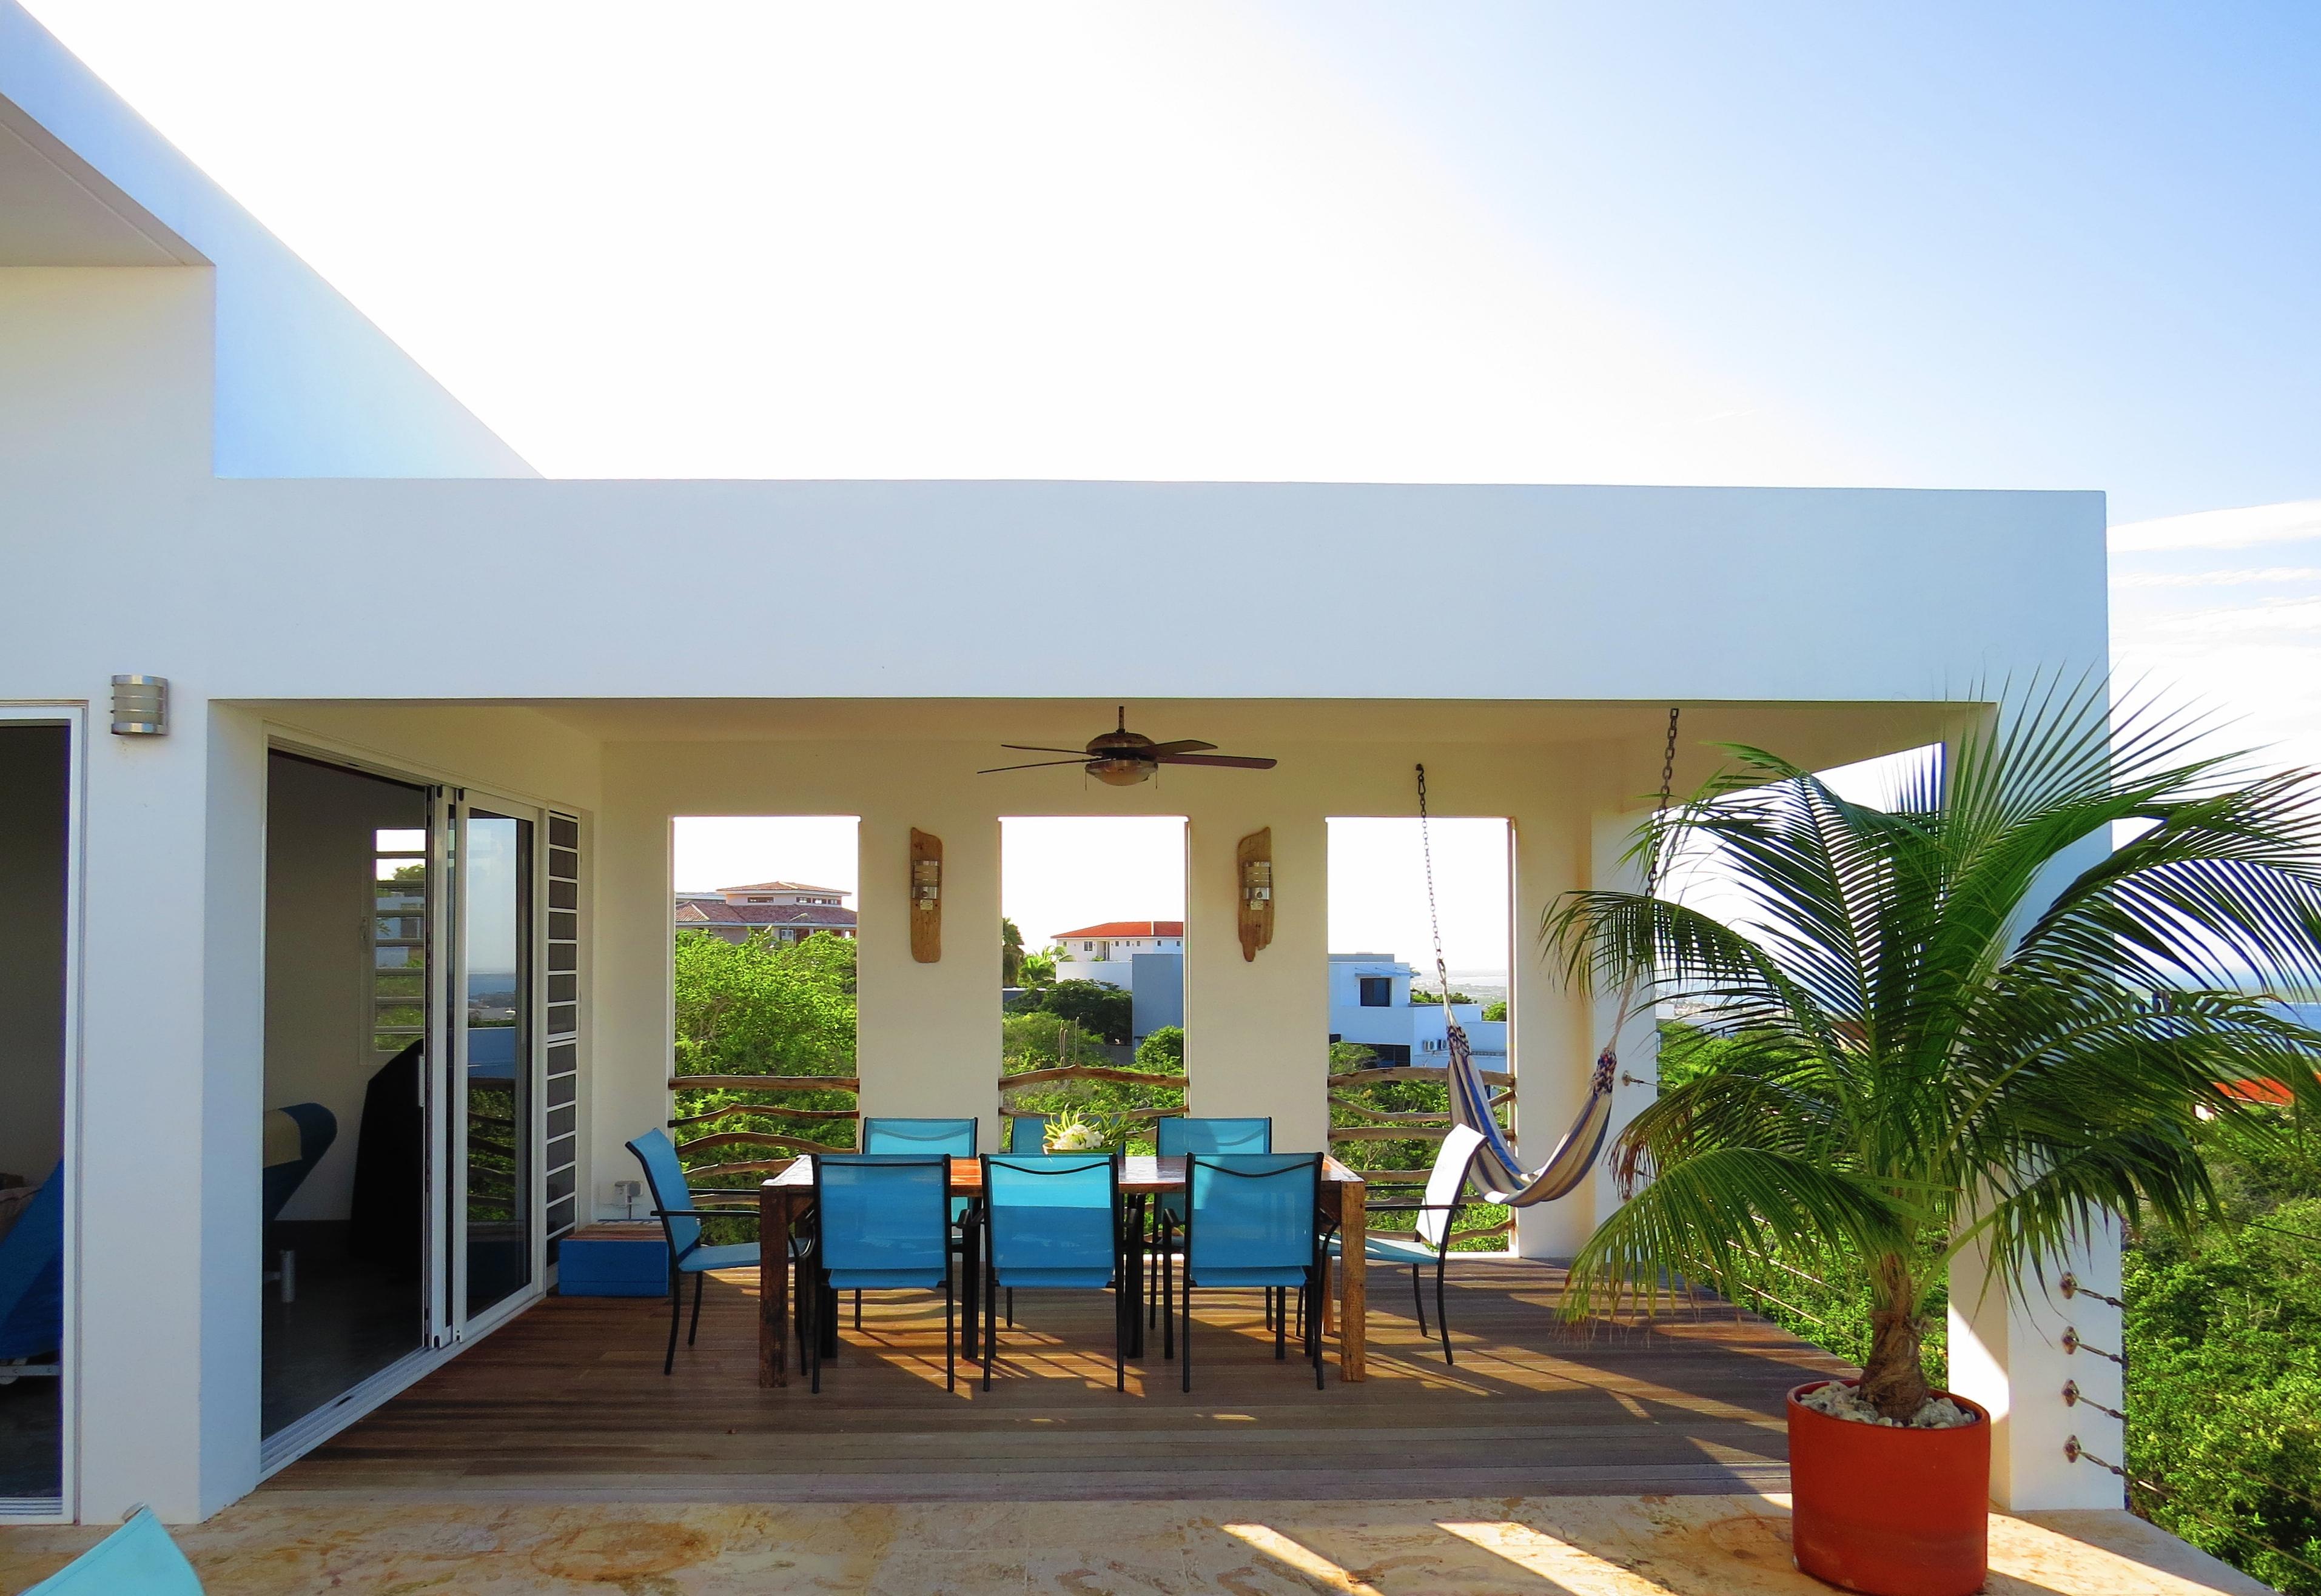 Porch of Seascape Villa Bonaire